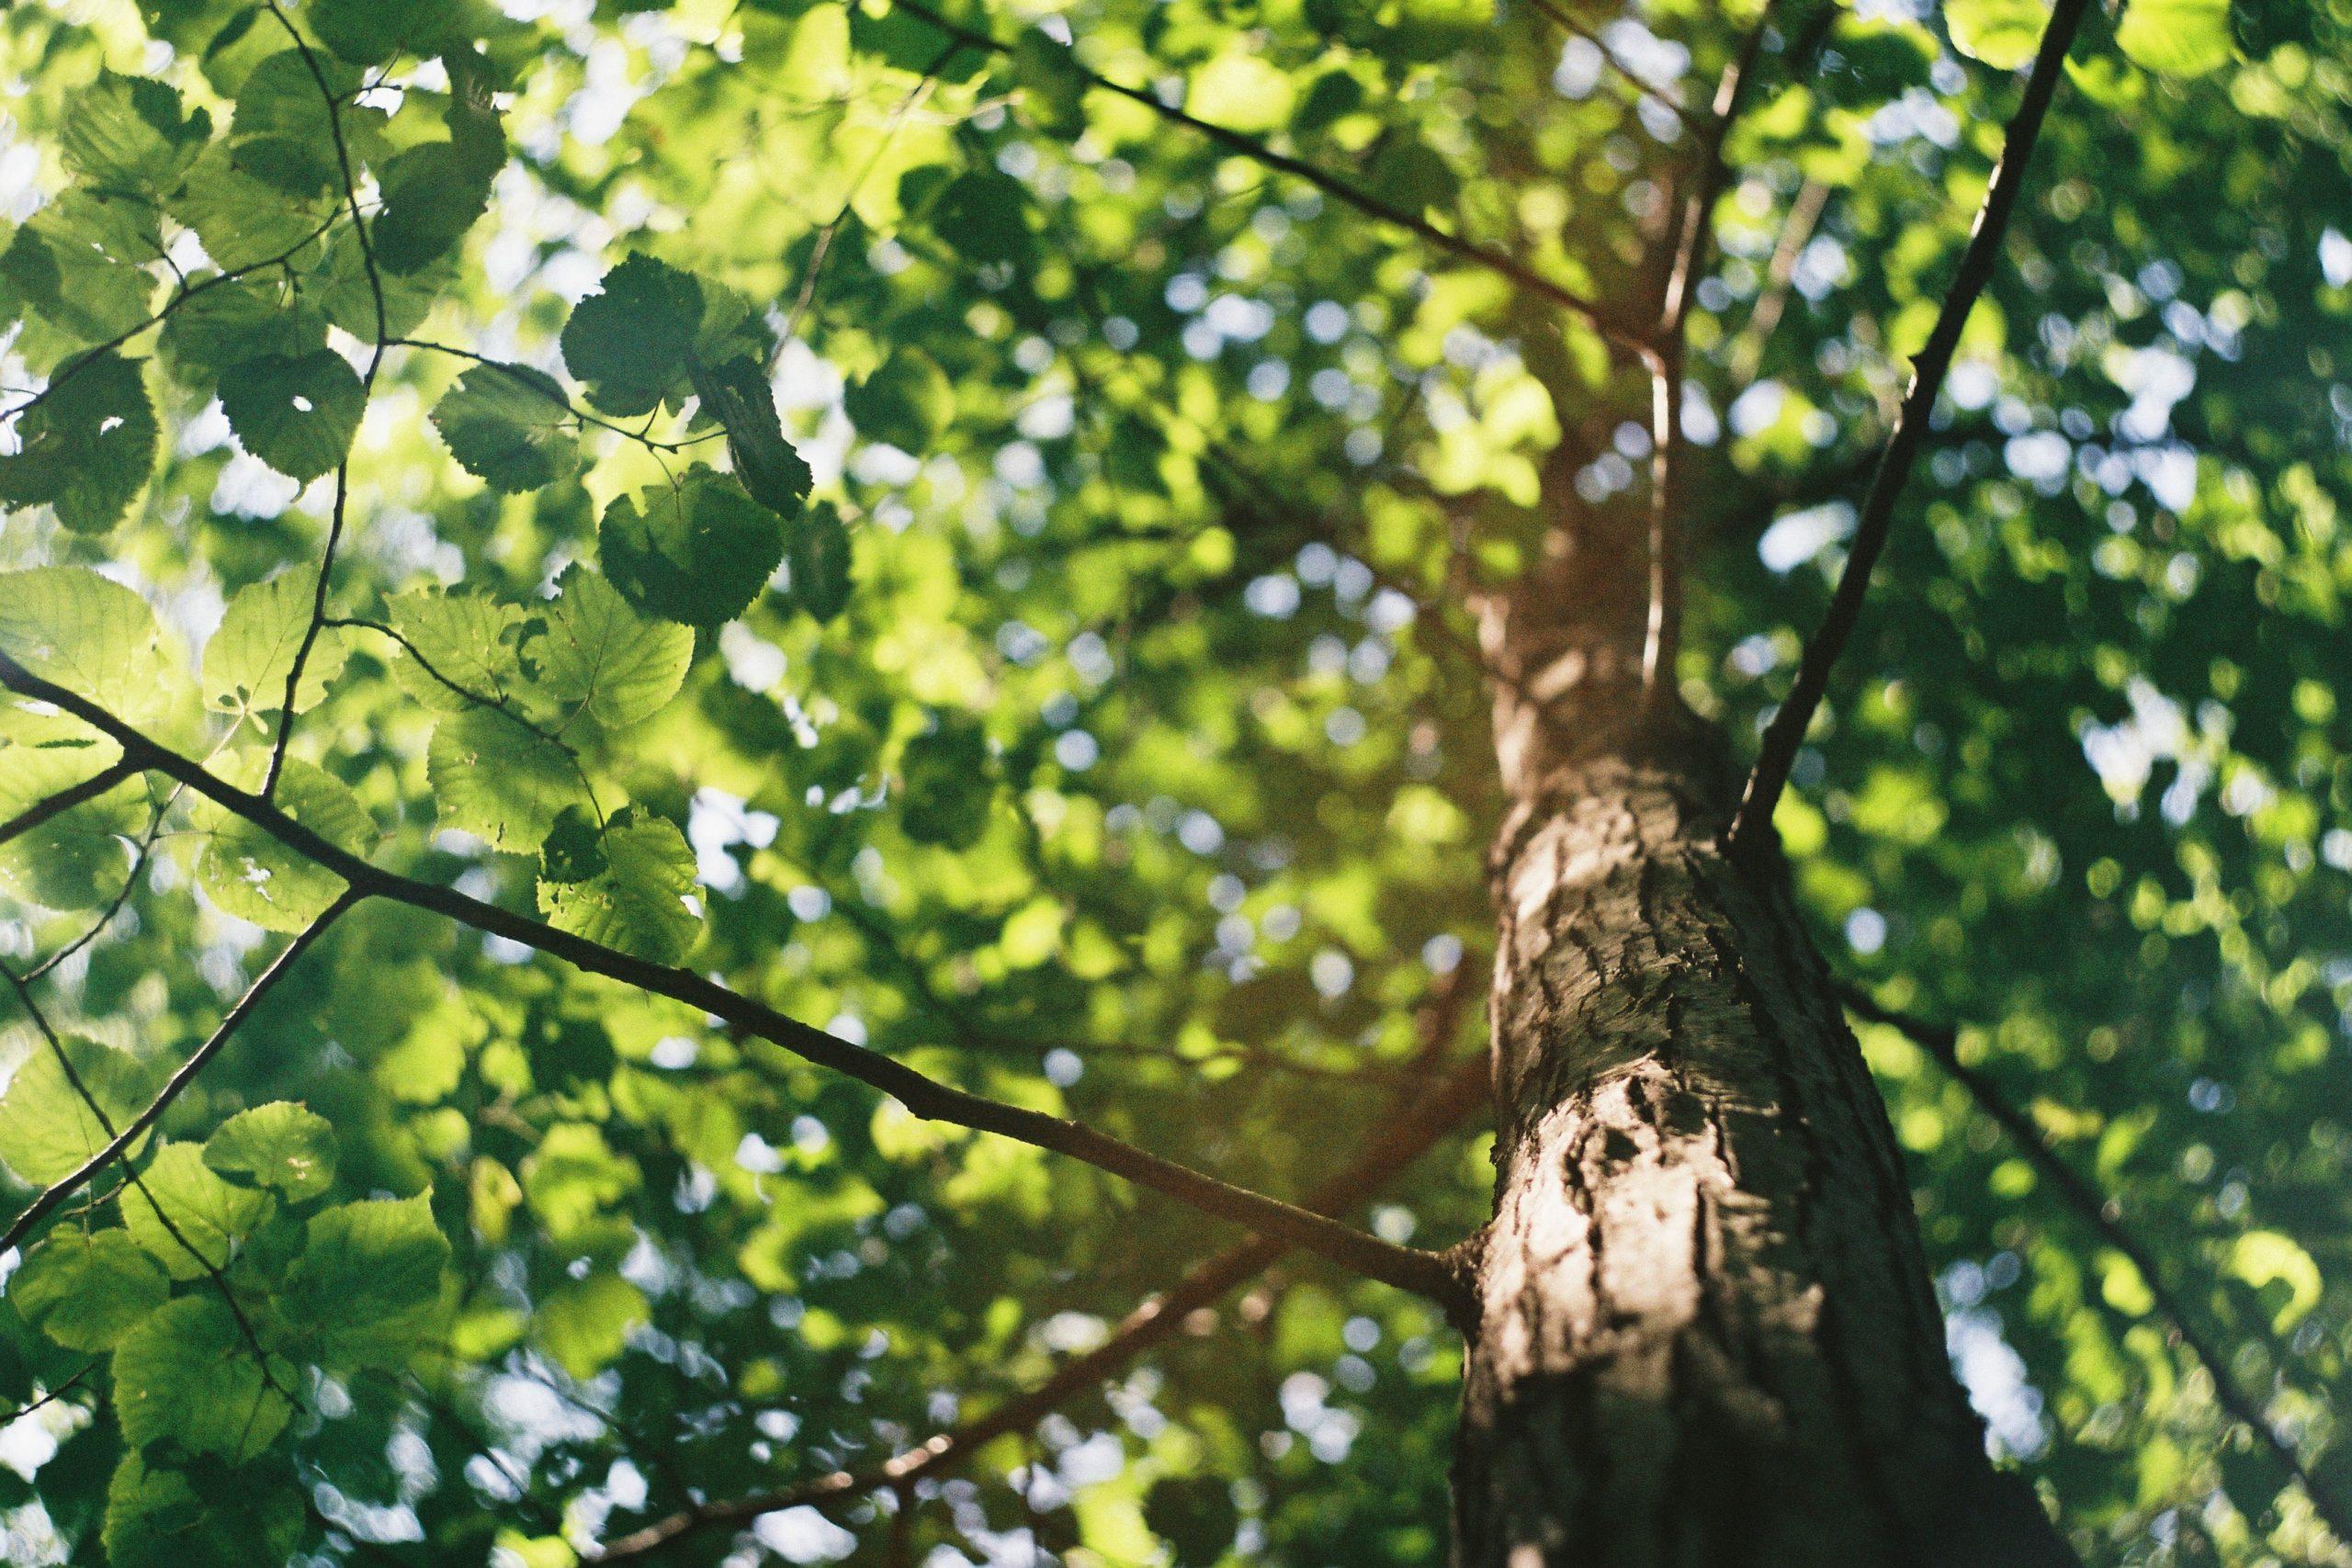 træ, grøn (Foto: Unsplash)